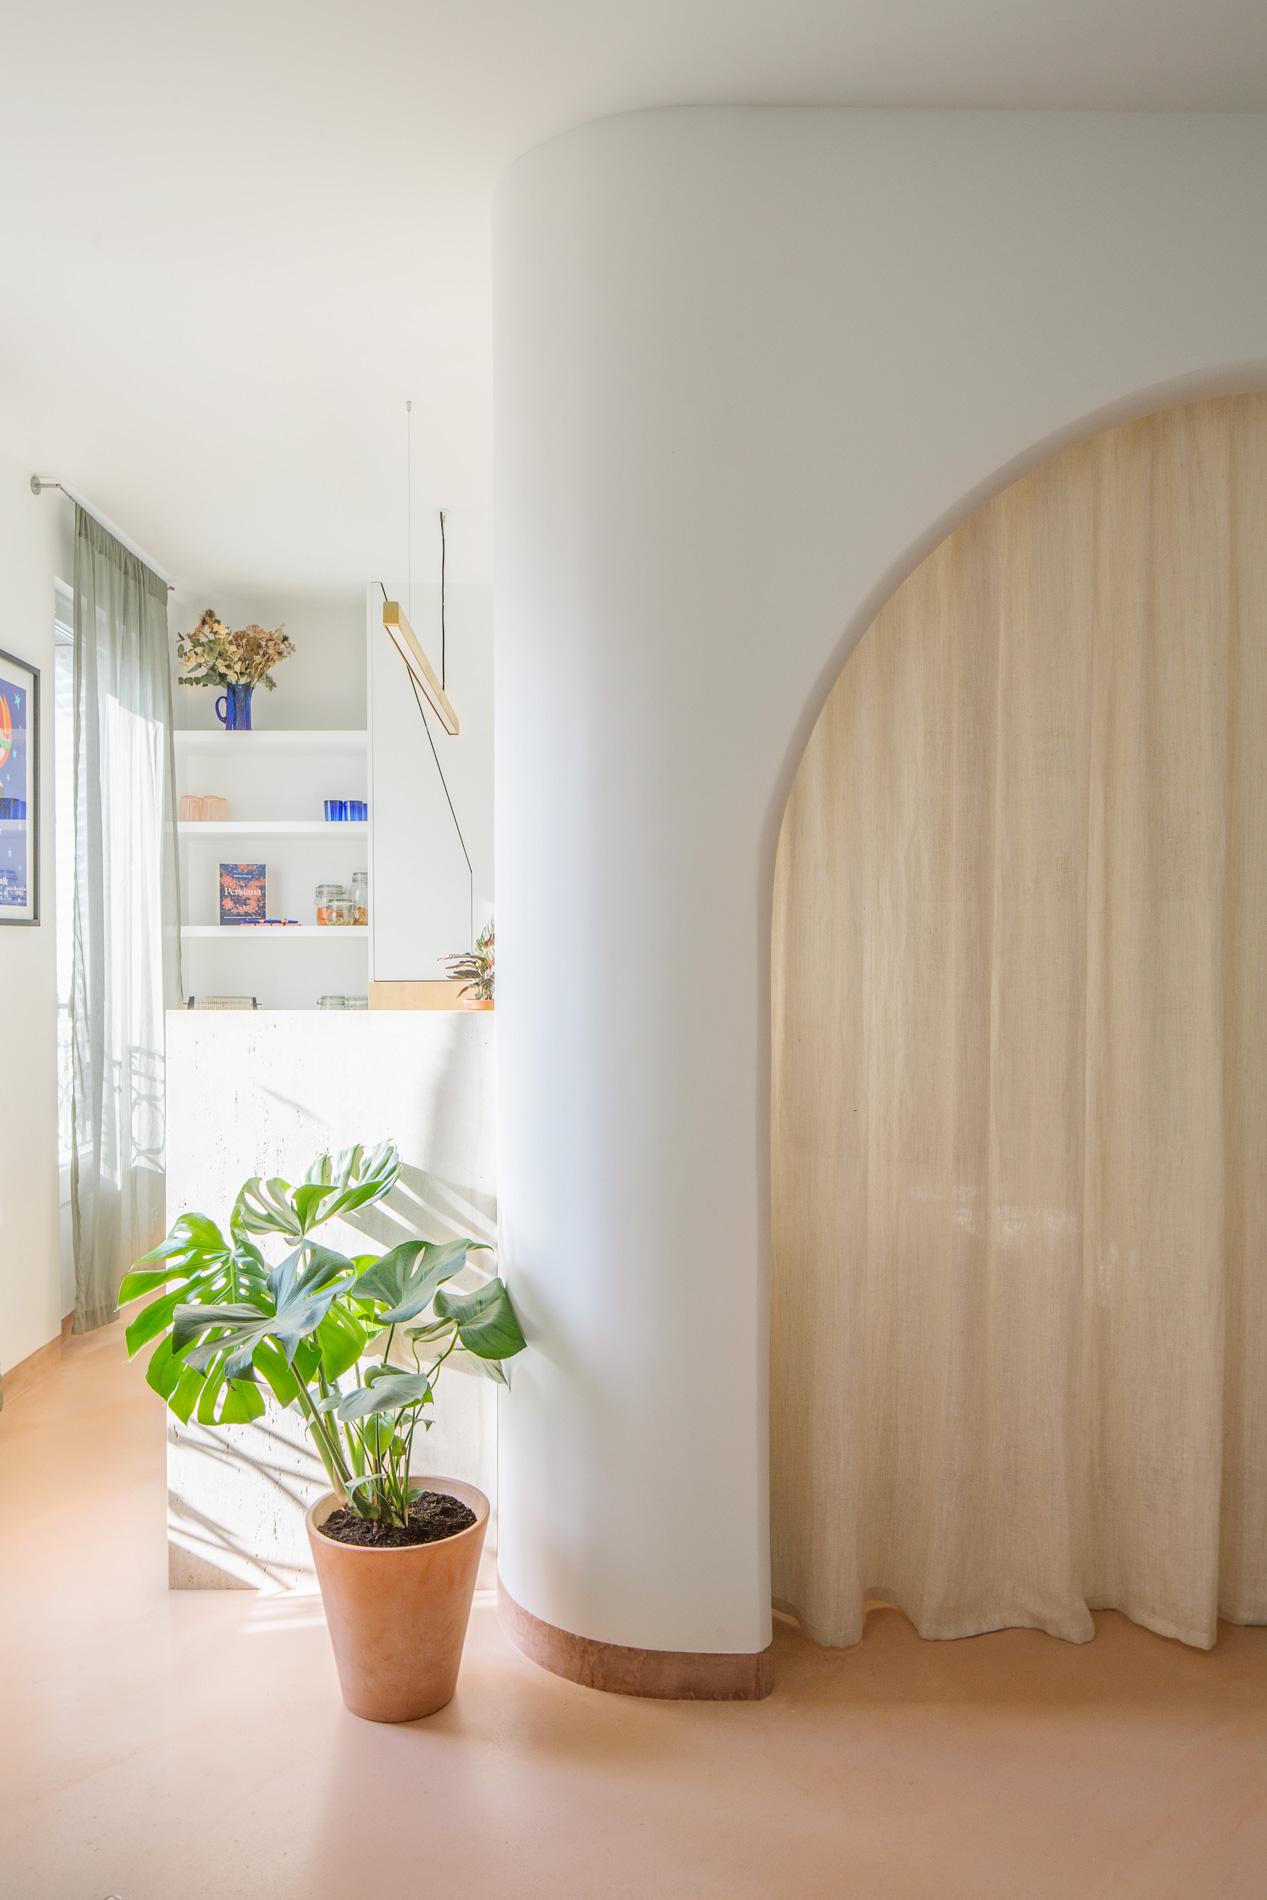 Architecte Interieur Paris Petite Surface batiik studio - architecture d'interieur